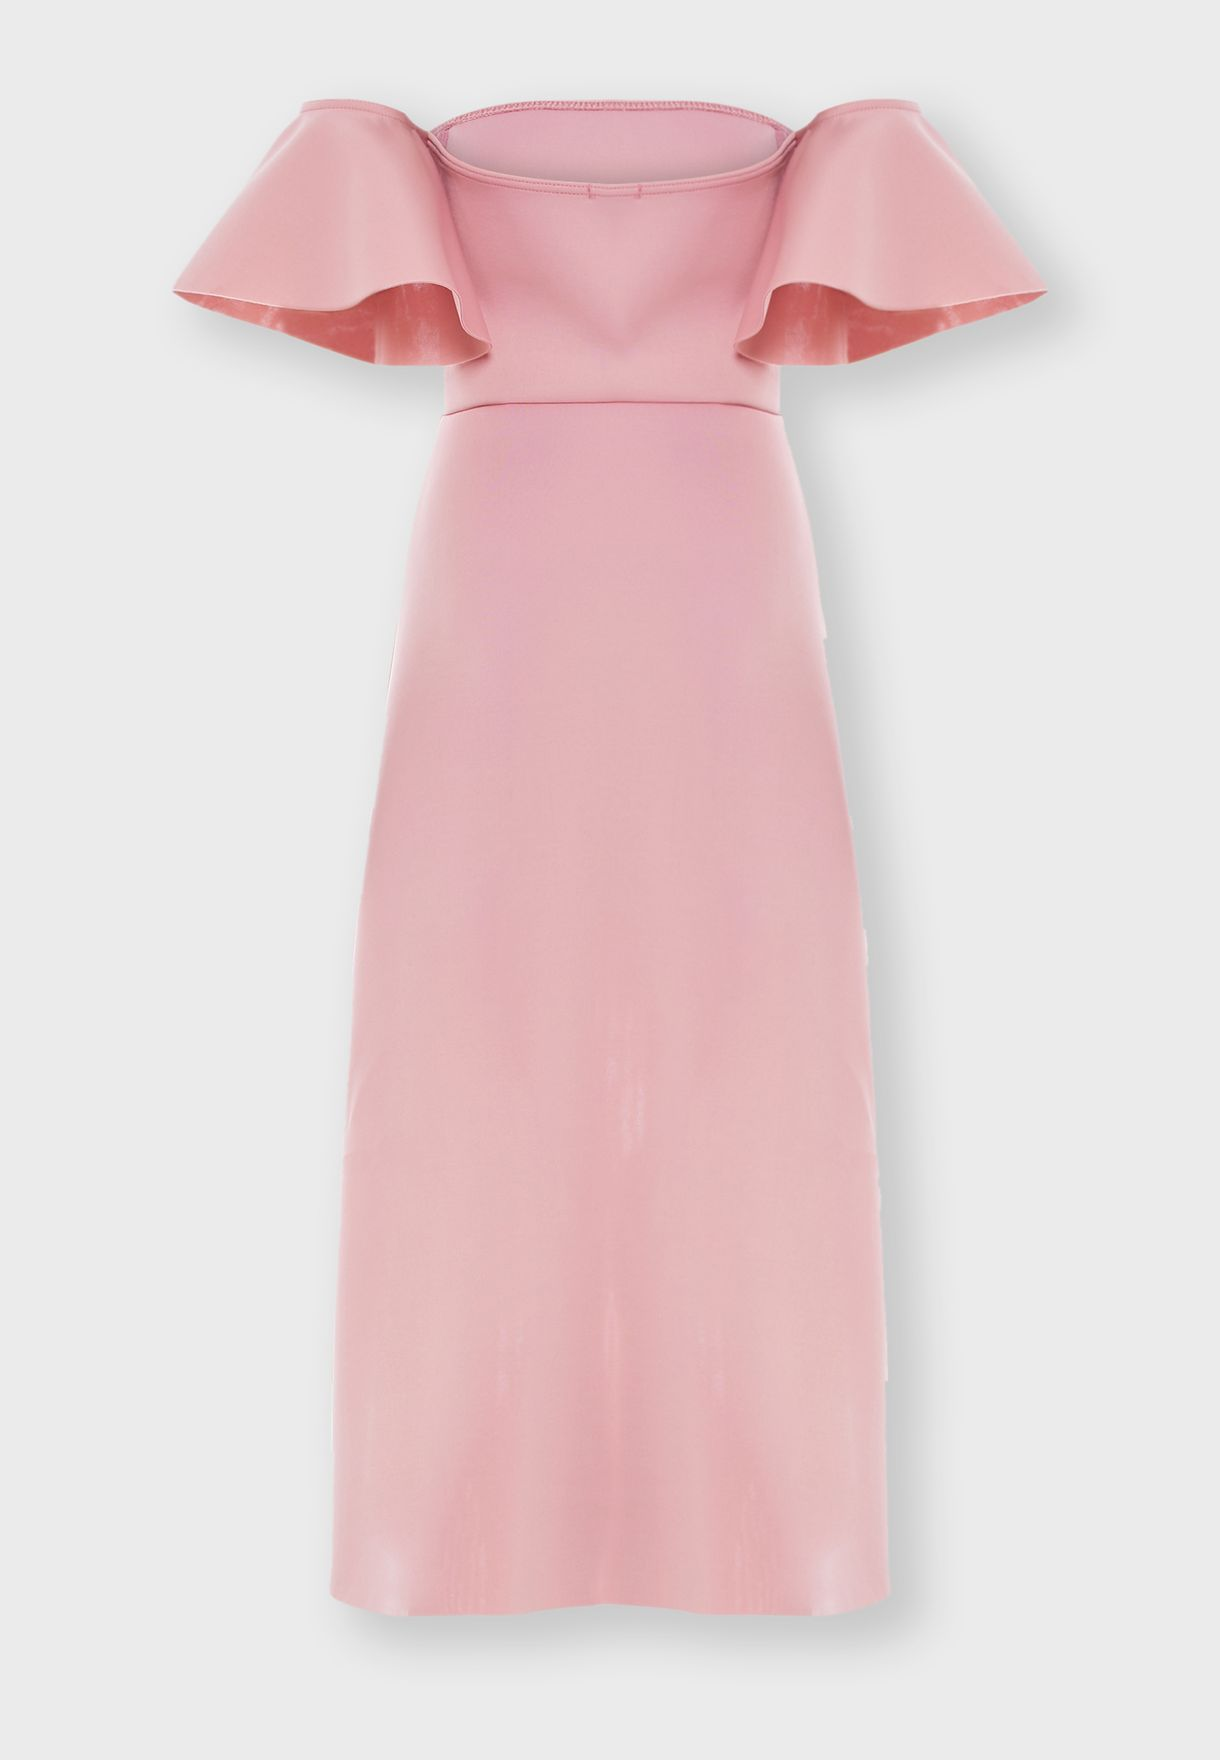 فستان يكشف الاكتاف مع اكمام قصيرة